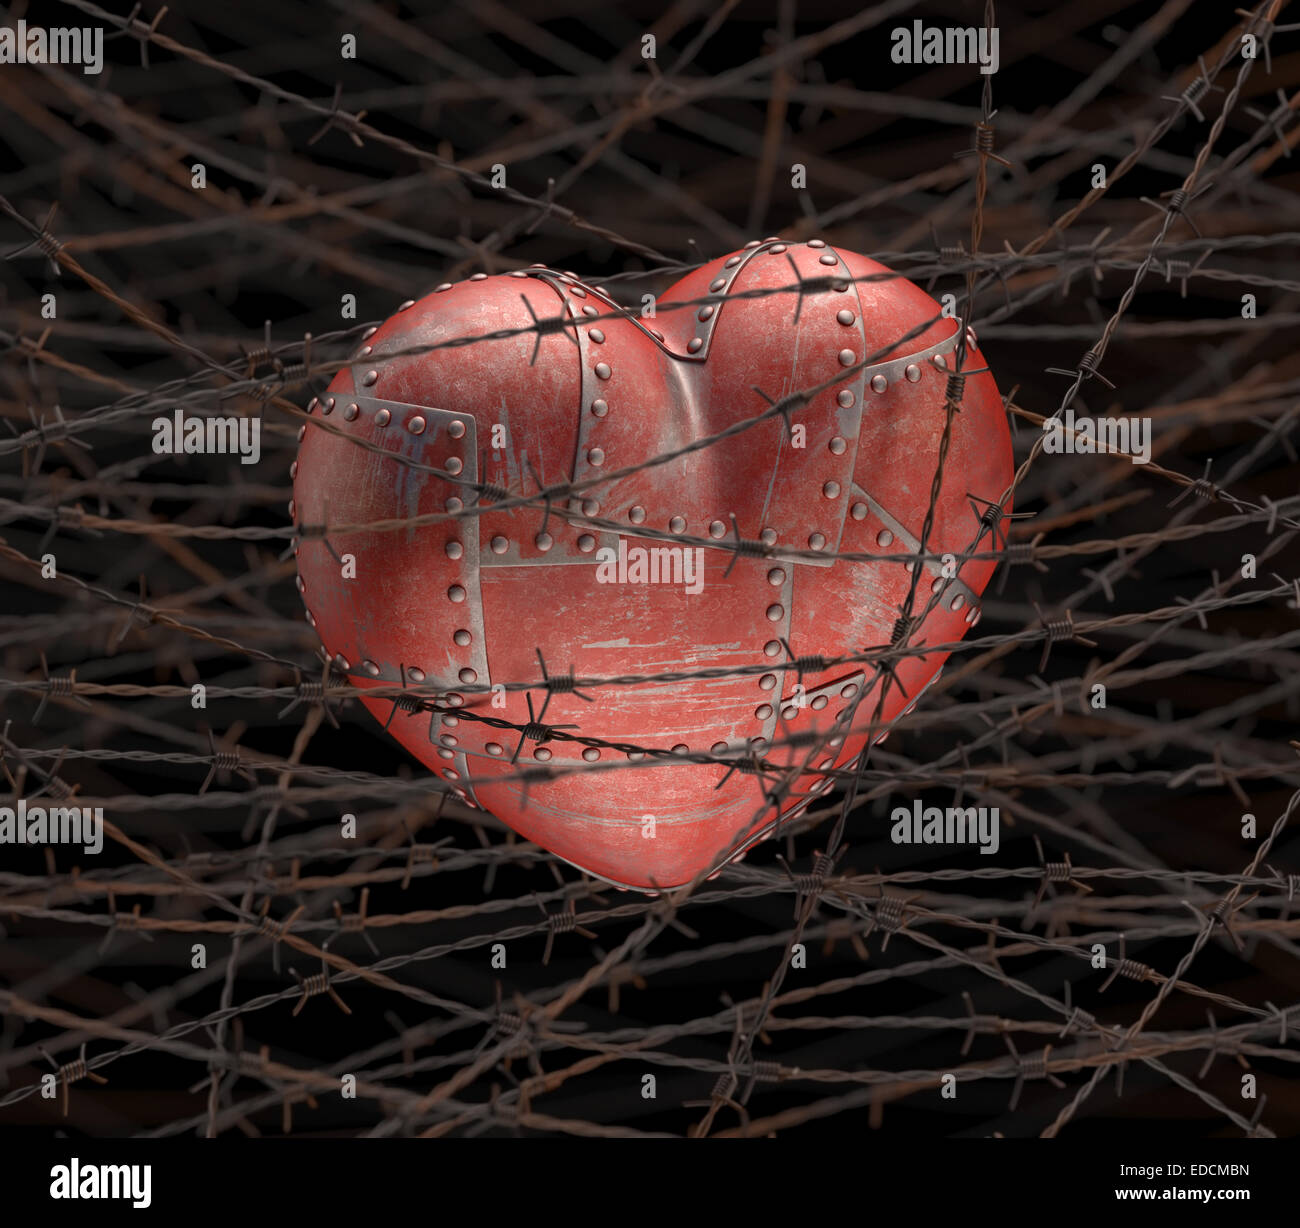 Coeur en métal avec des barbelés autour. Photo Stock